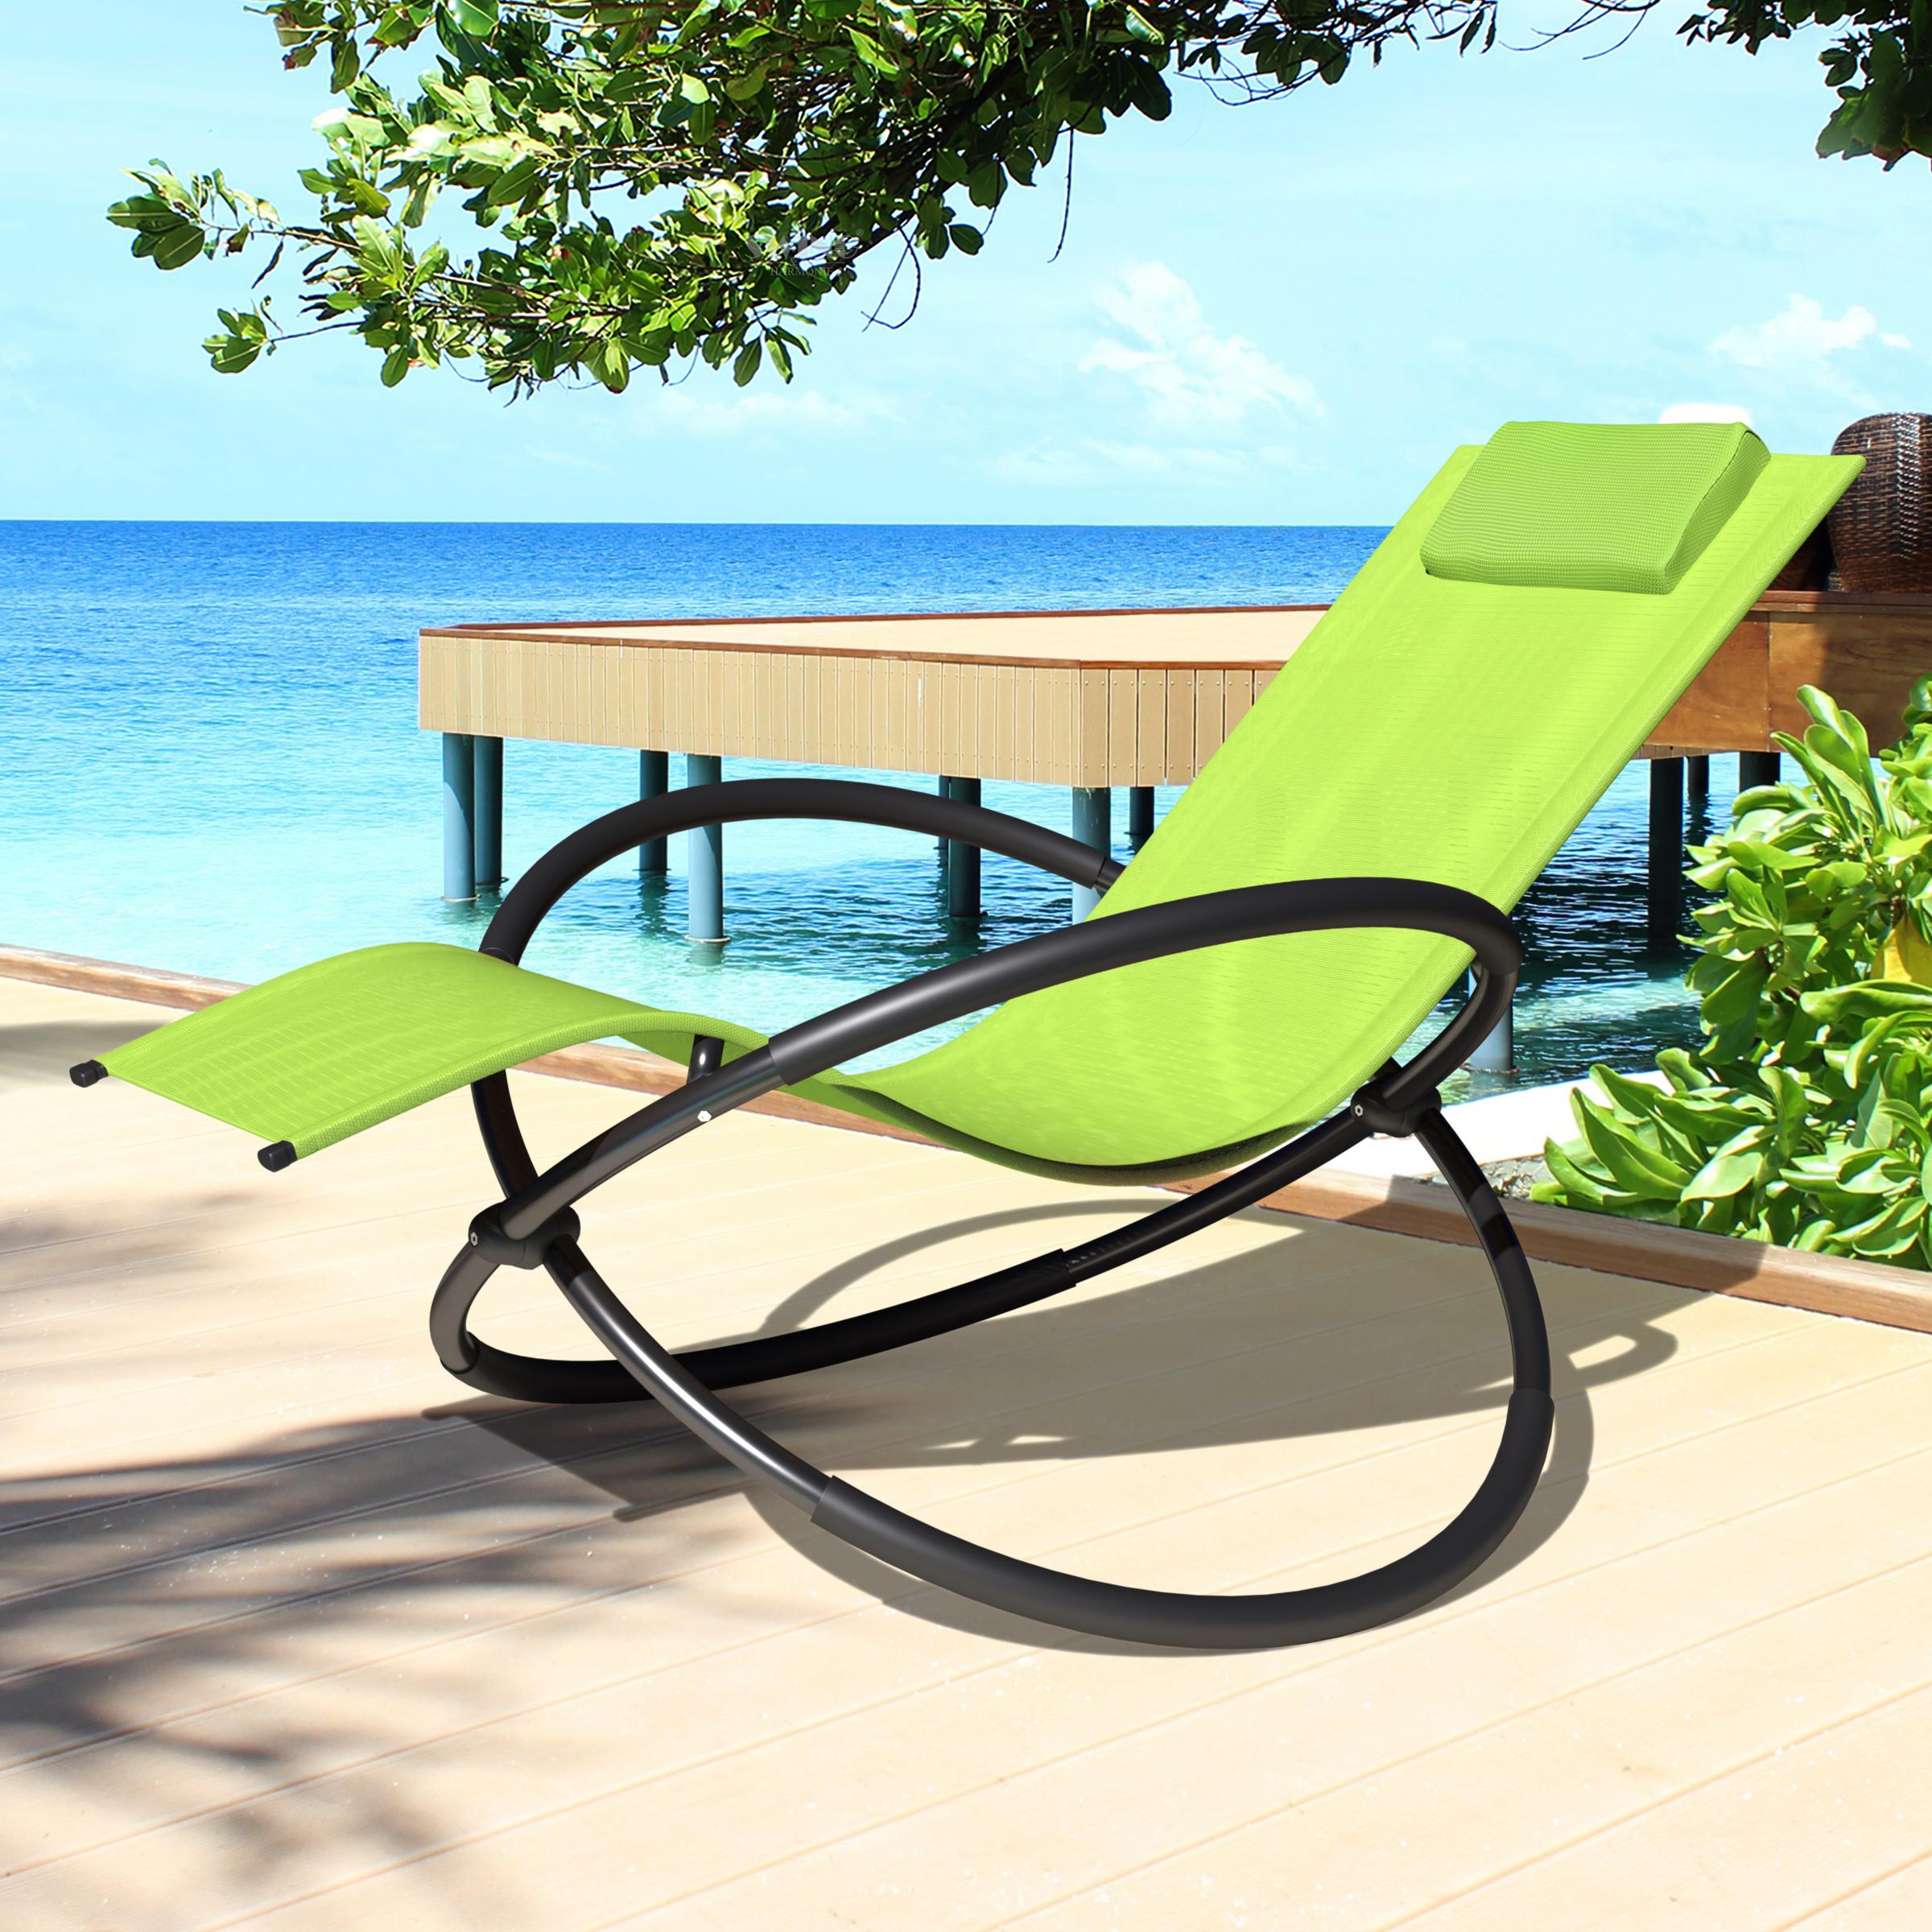 Full Size of Gartenliege Faltbare Sonnenliege Schaukelliege Real Bett Ausklappbar Ausklappbares Wohnzimmer Schaukelliege Klappbar